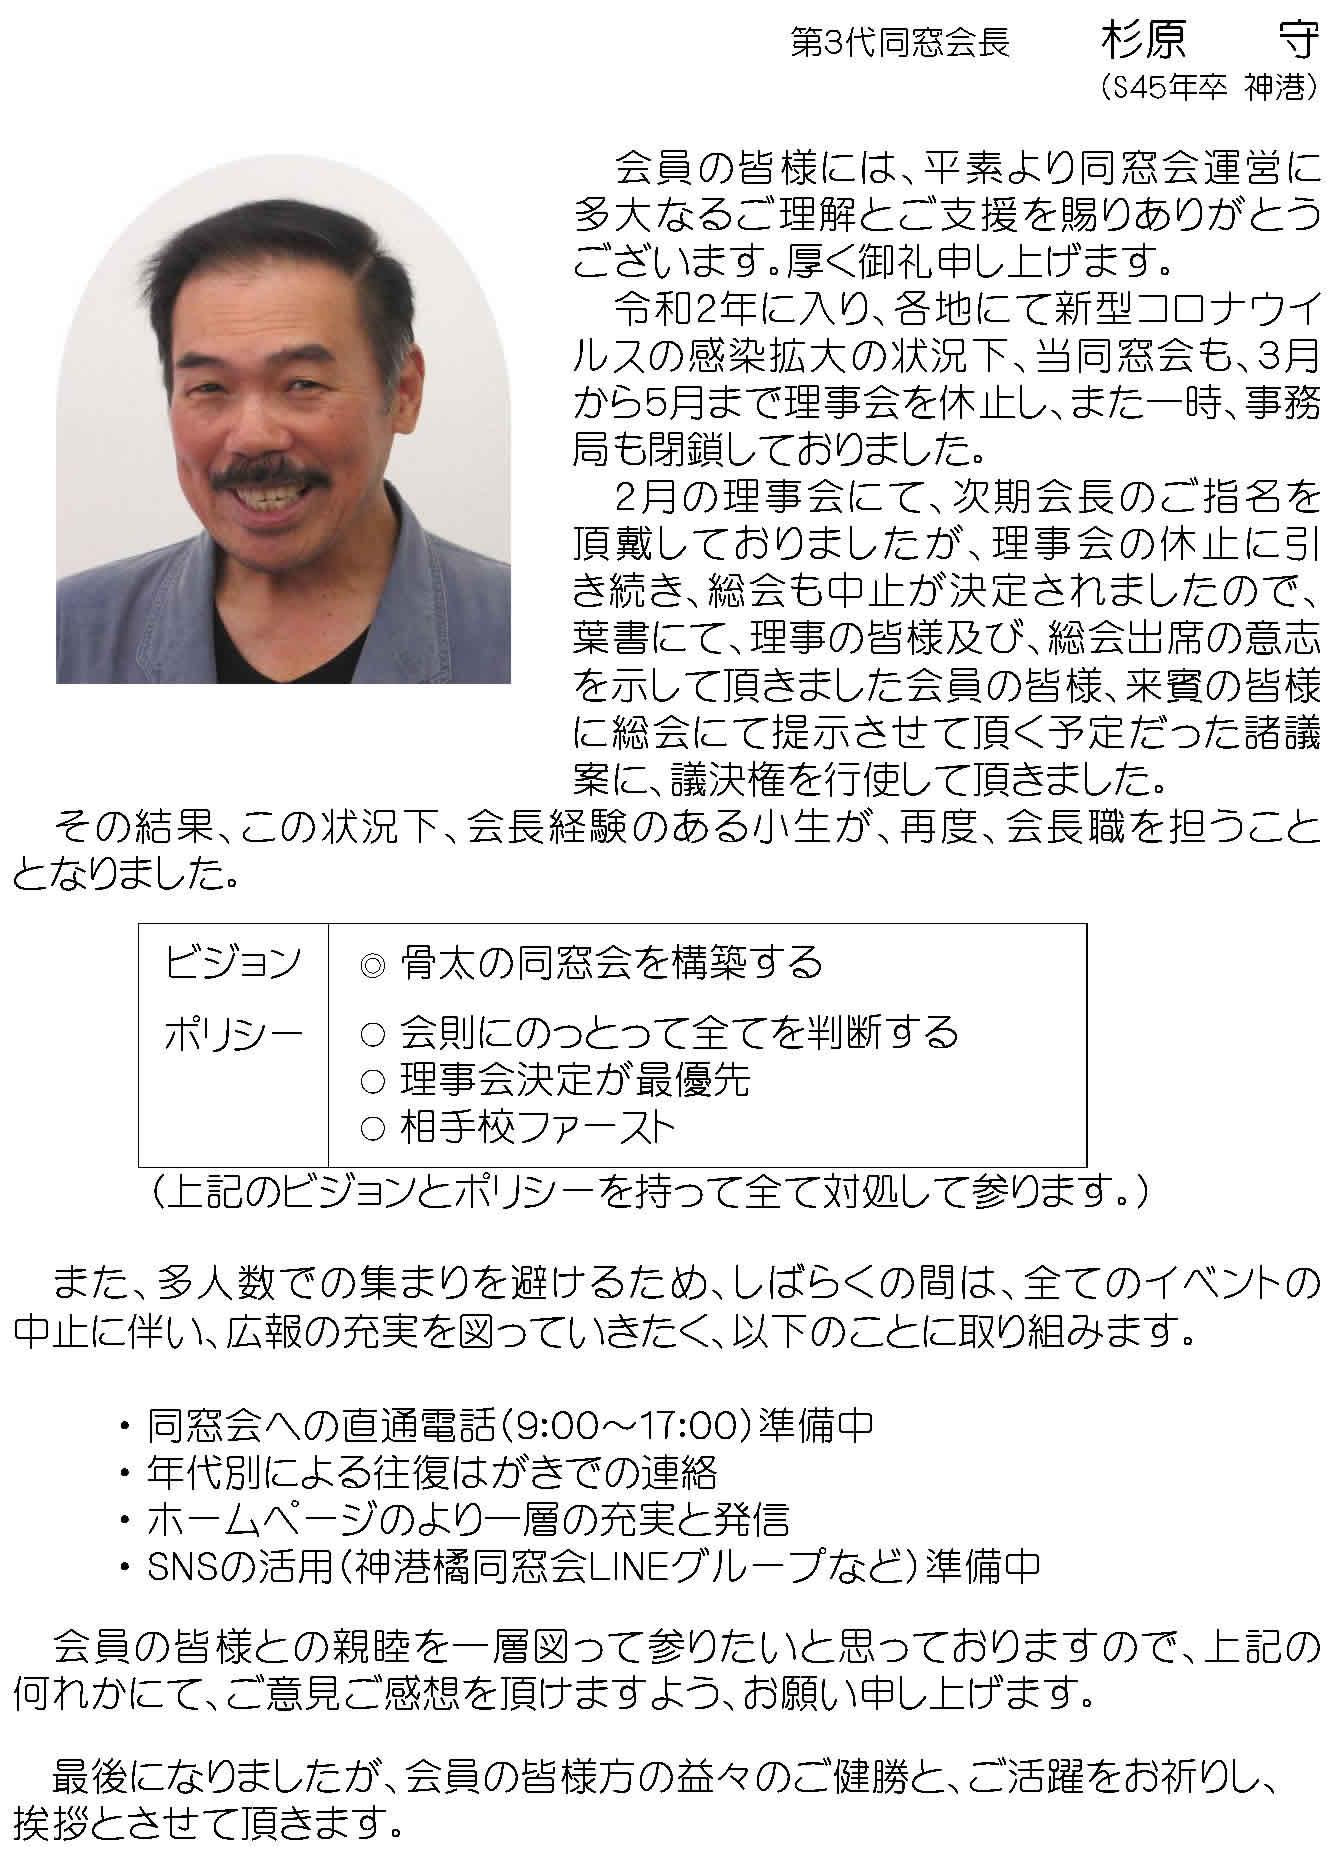 神港橘高等学校同窓会会長あいさつ